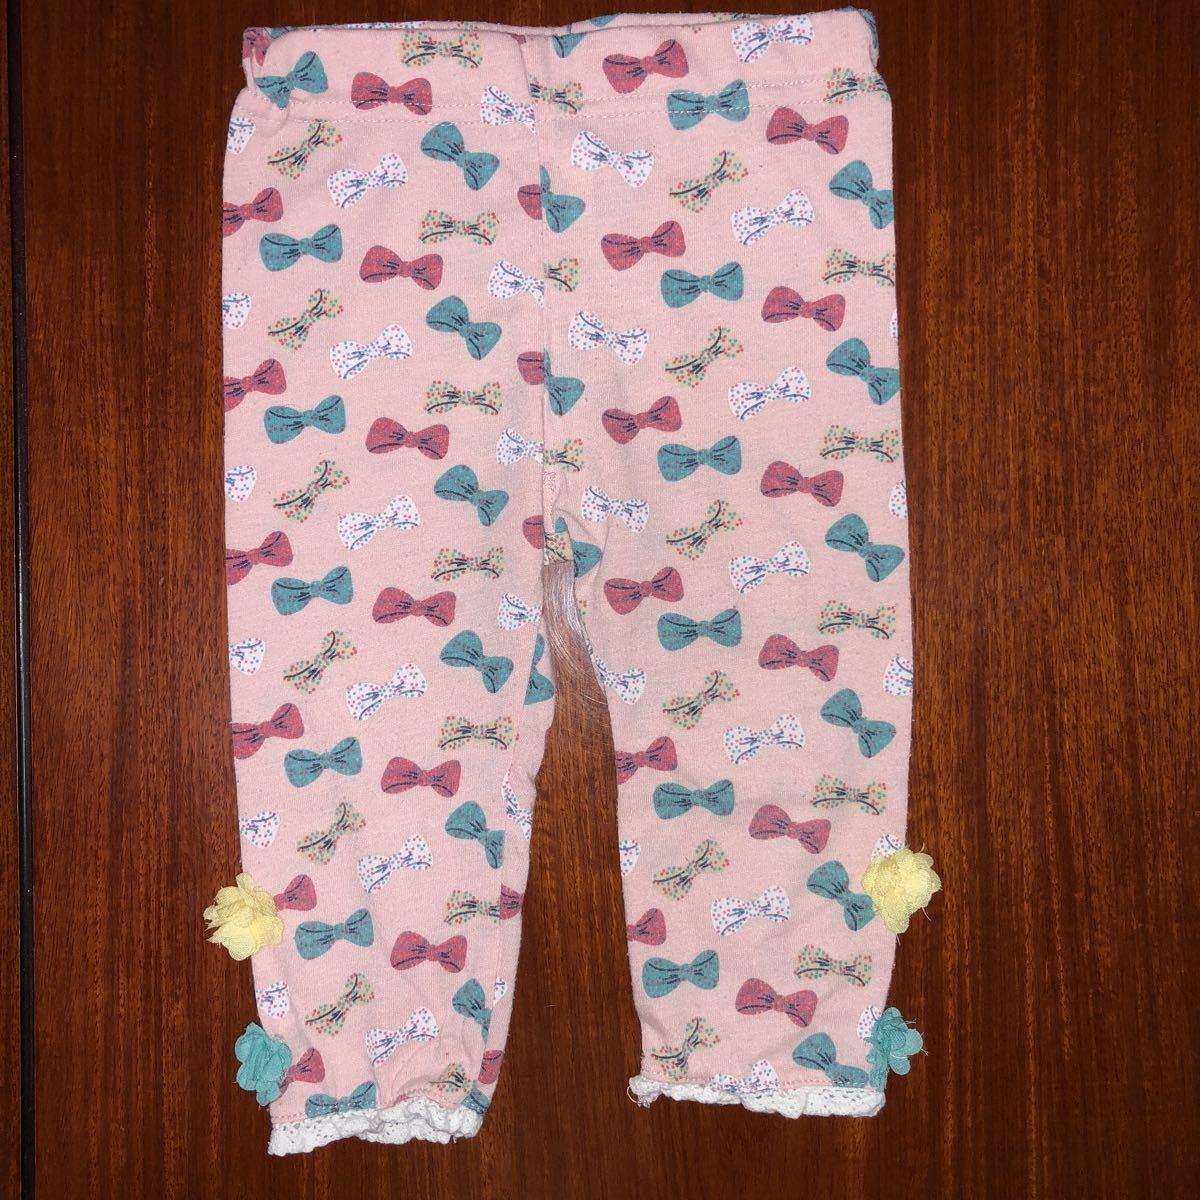 女の子用 レギンス スパッツ カルソン 95㎝ 2枚セット 中古 ピンク ネイビー_画像2